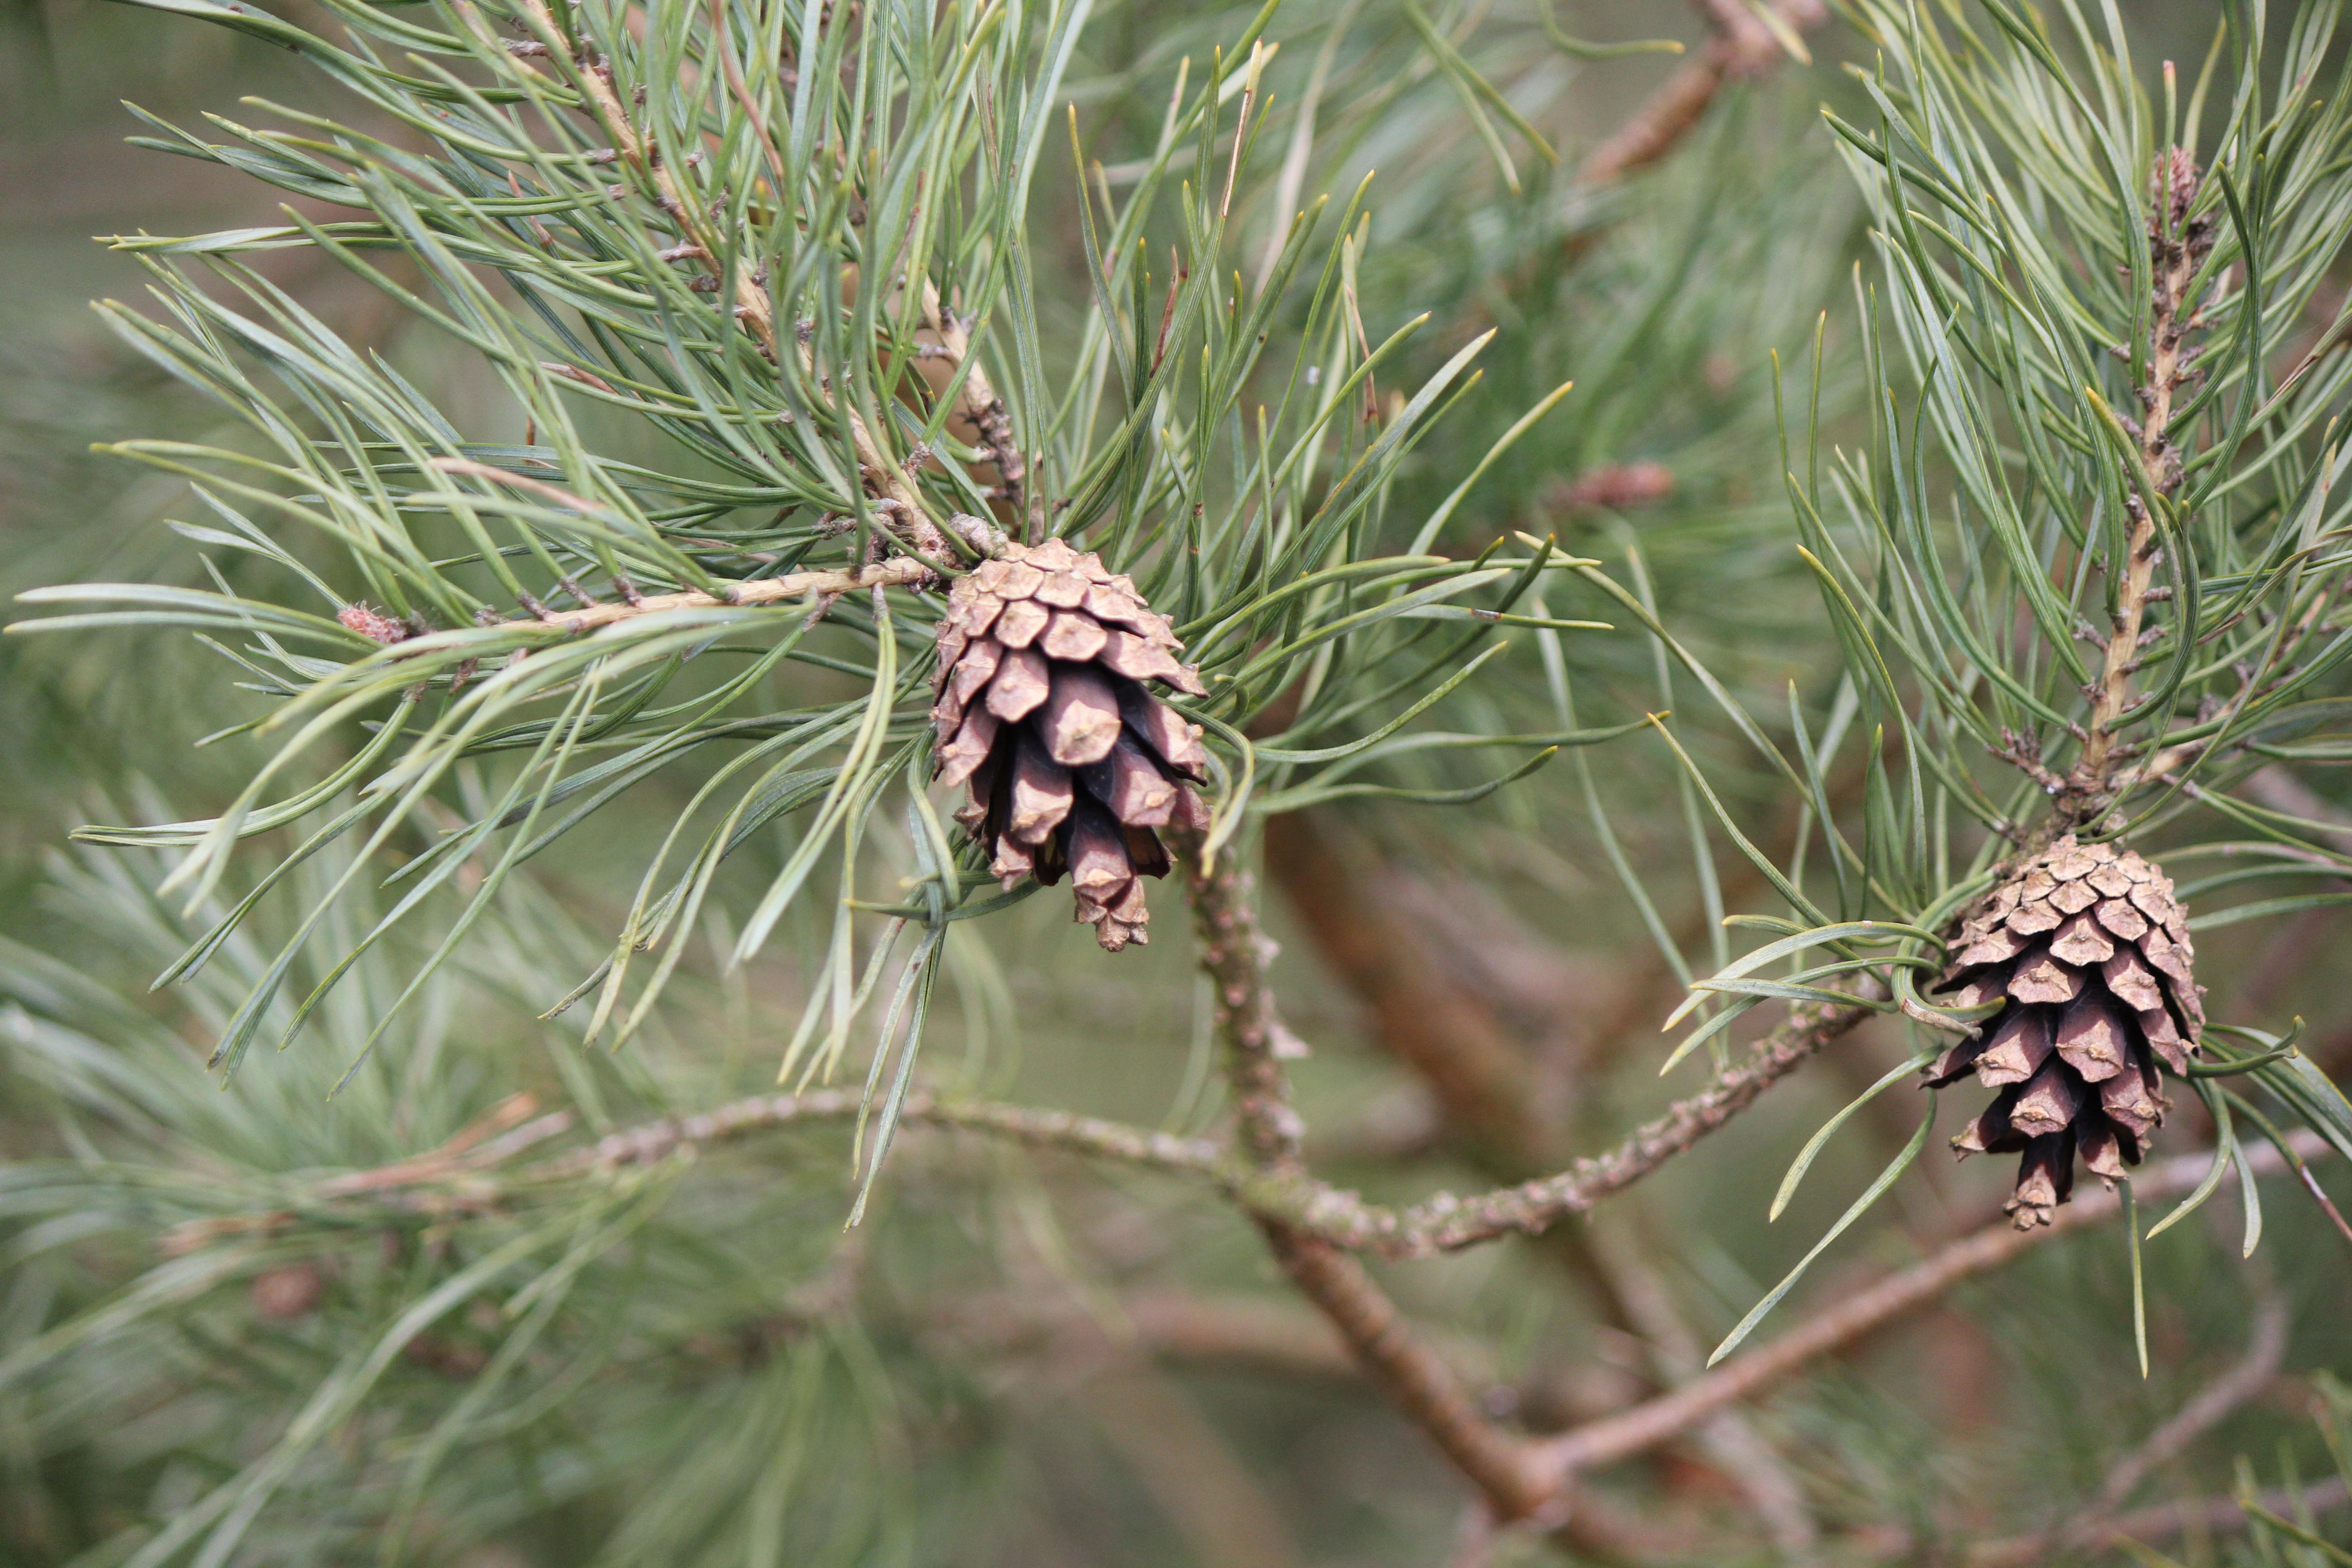 Pine Cones Cc0 Photo